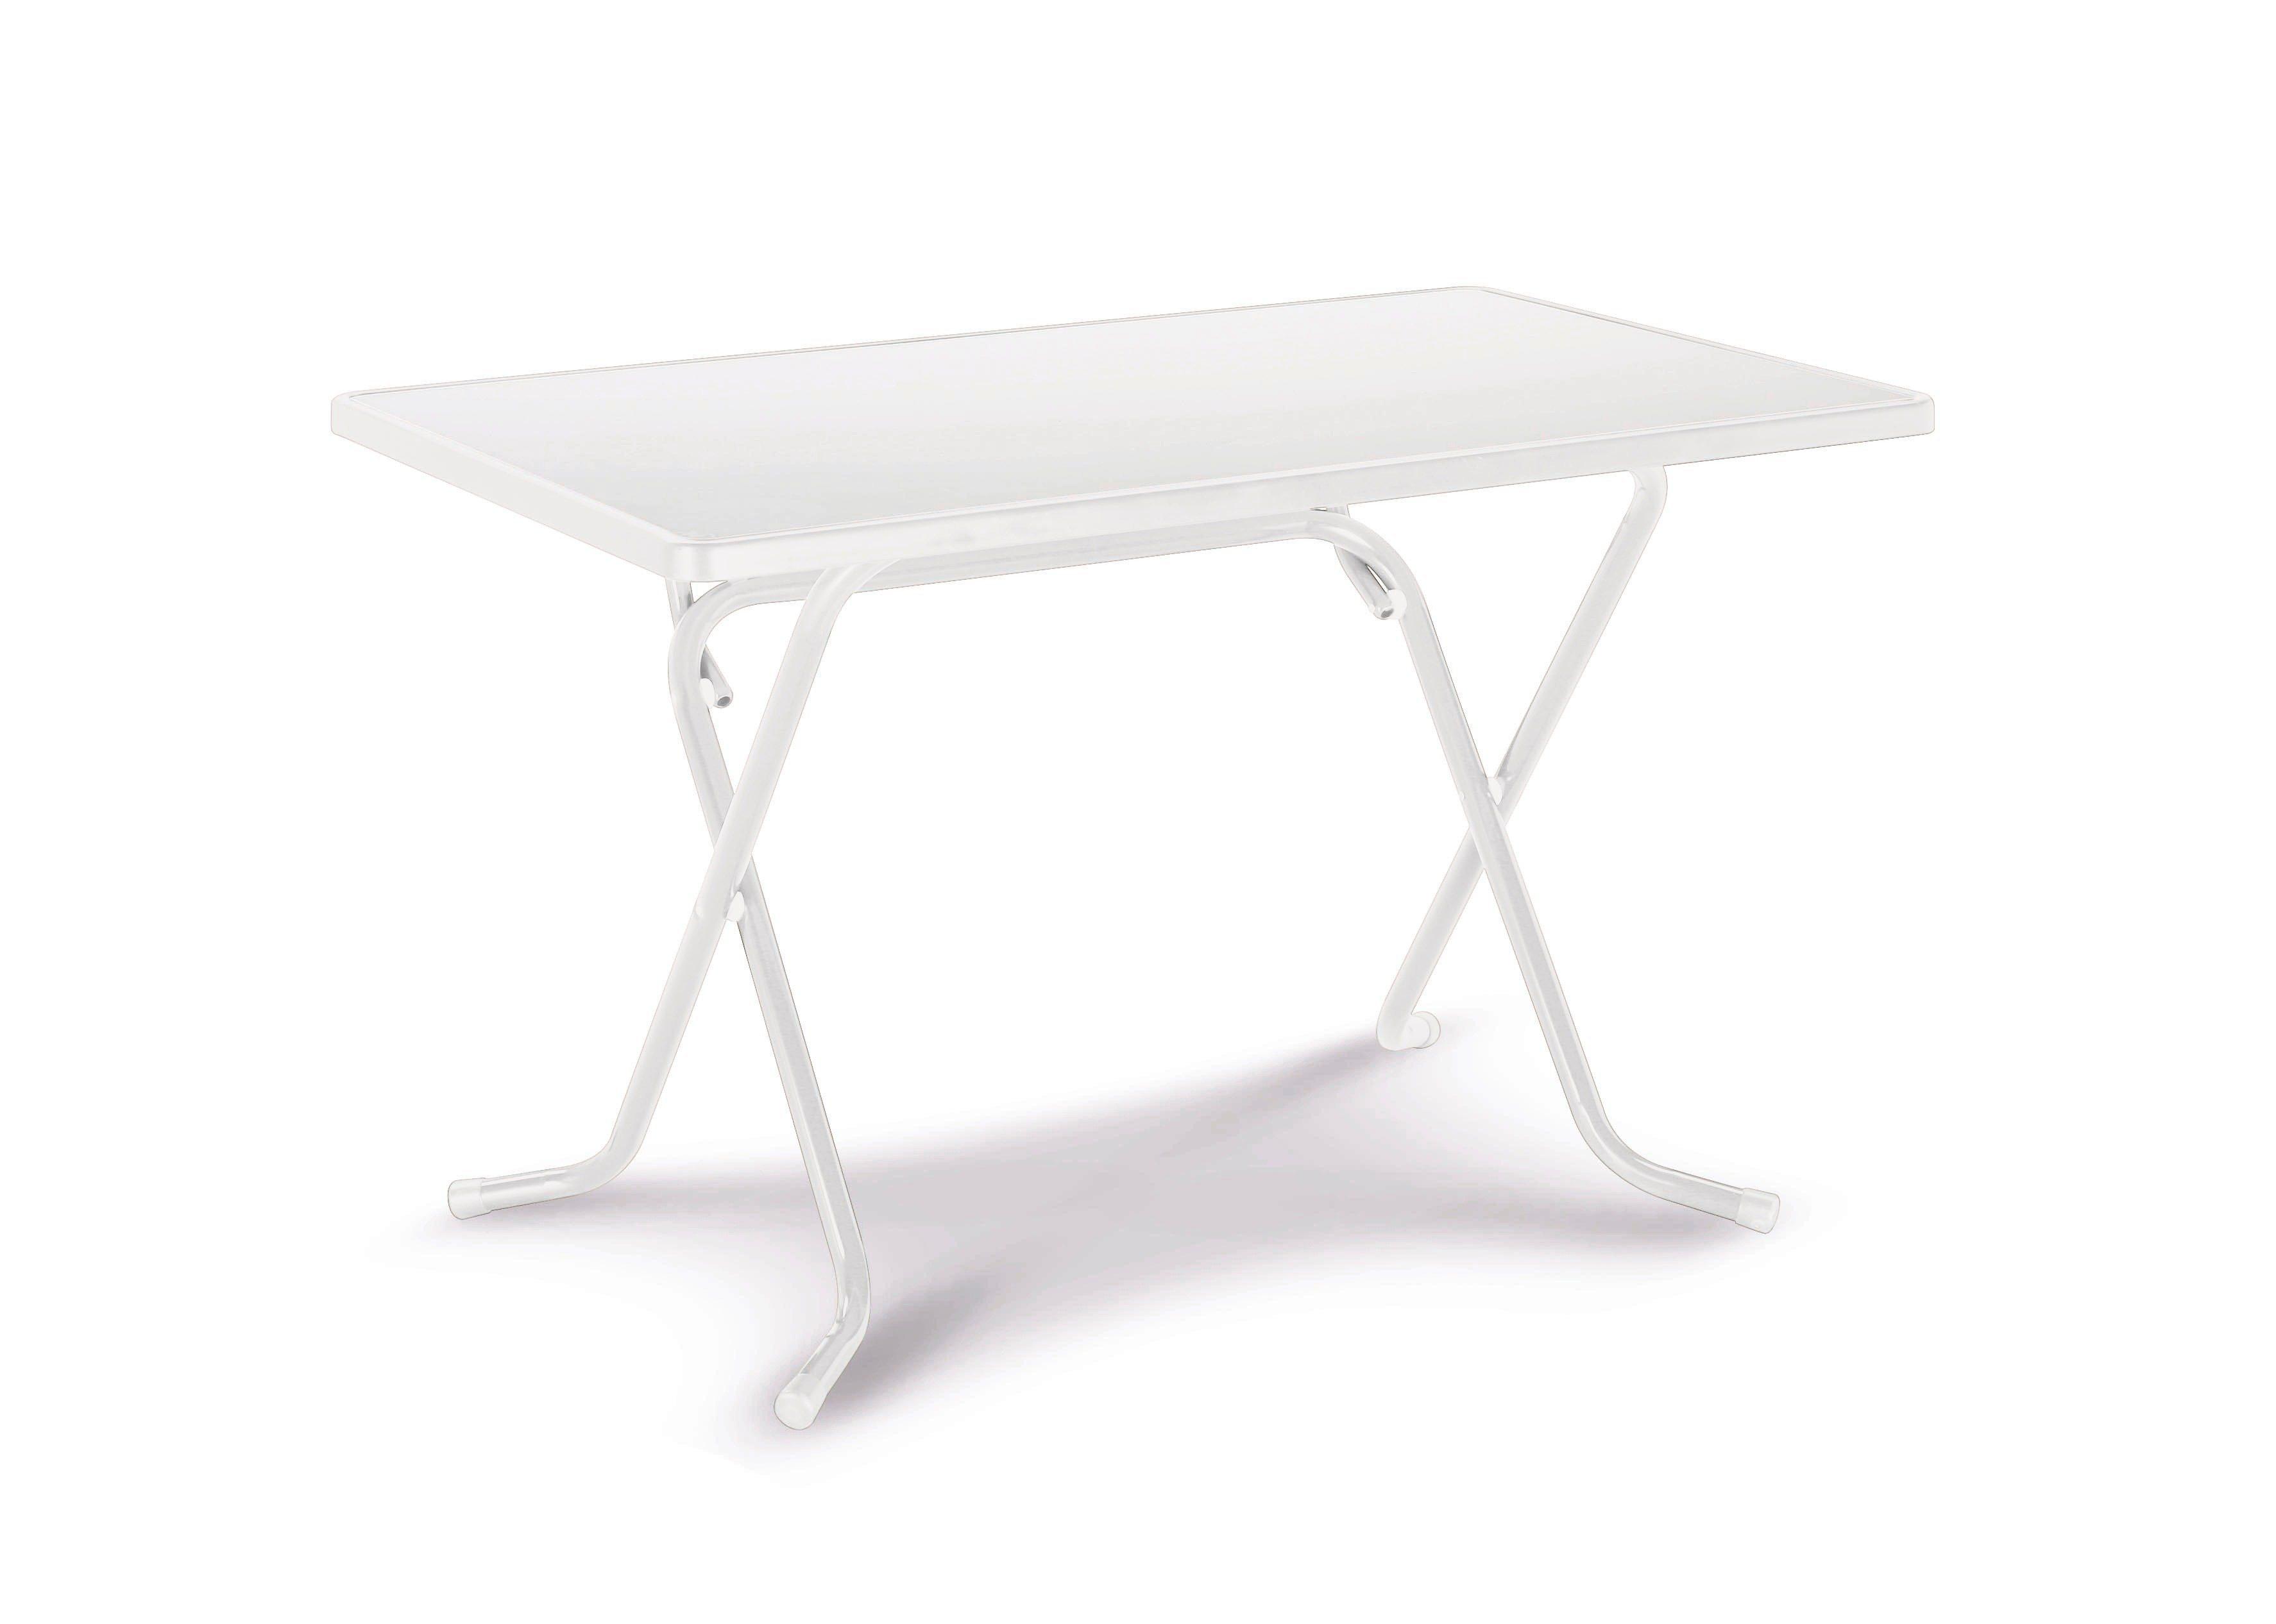 Gartentisch »Primo«, Stahl/Kunststoff, Klappbar, 110x70 Cm, Weiß